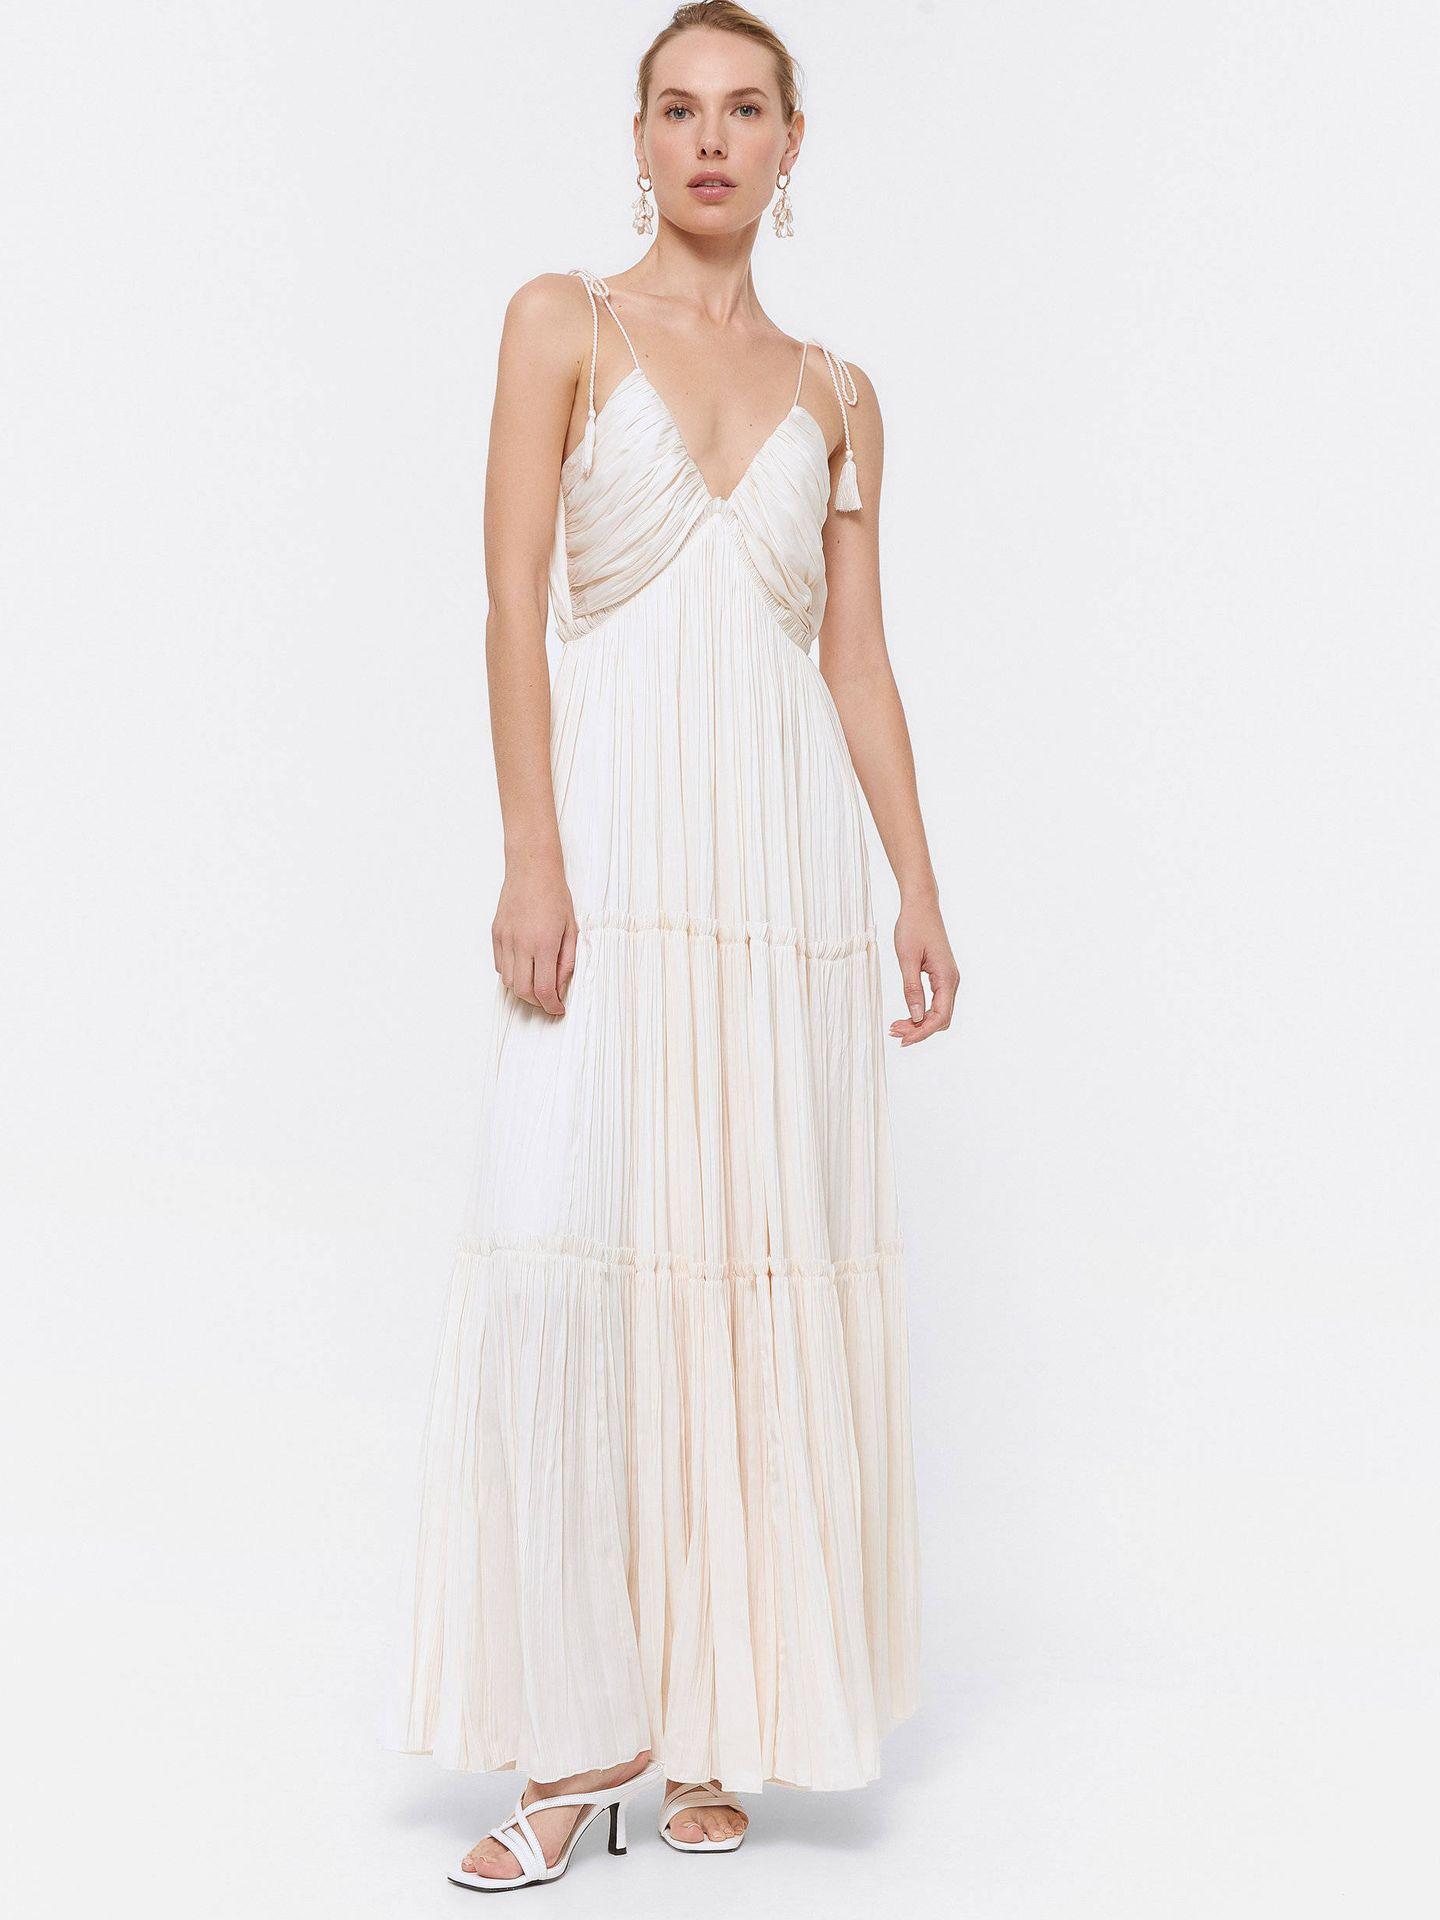 Vestido de novia de Uterqüe. (Cortesía)